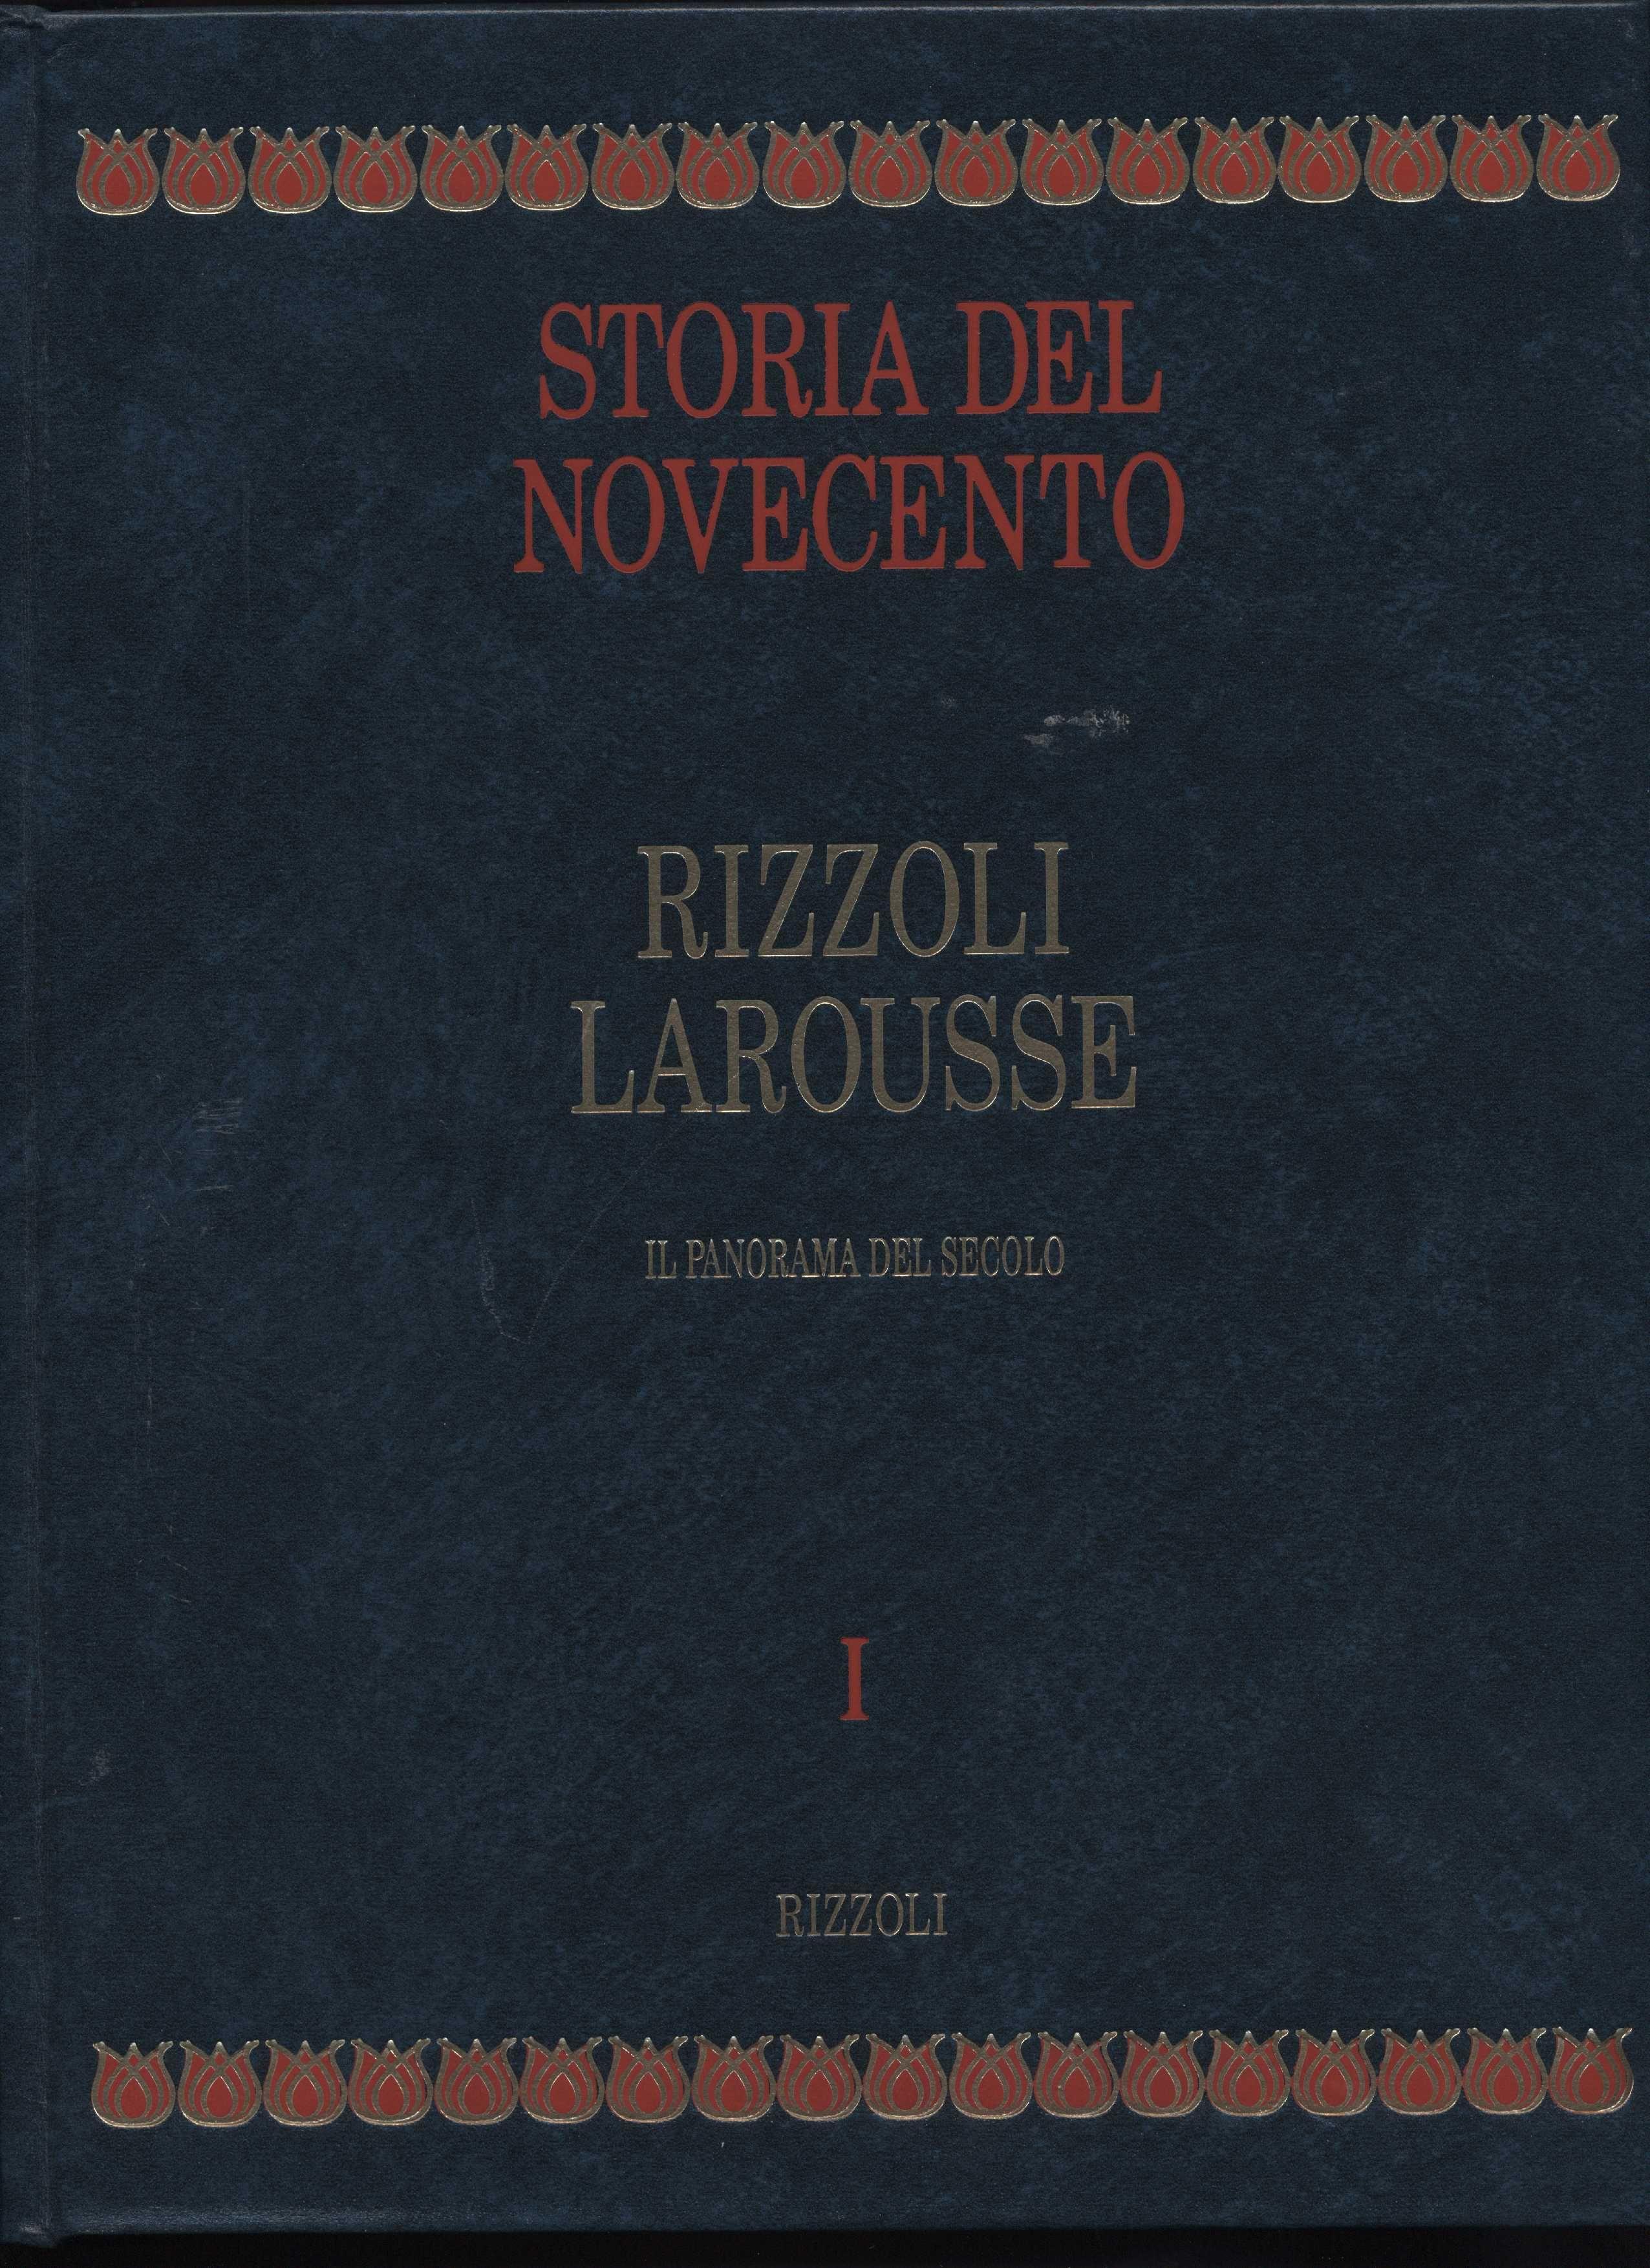 Storia del Novecento Rizzoli Larousse